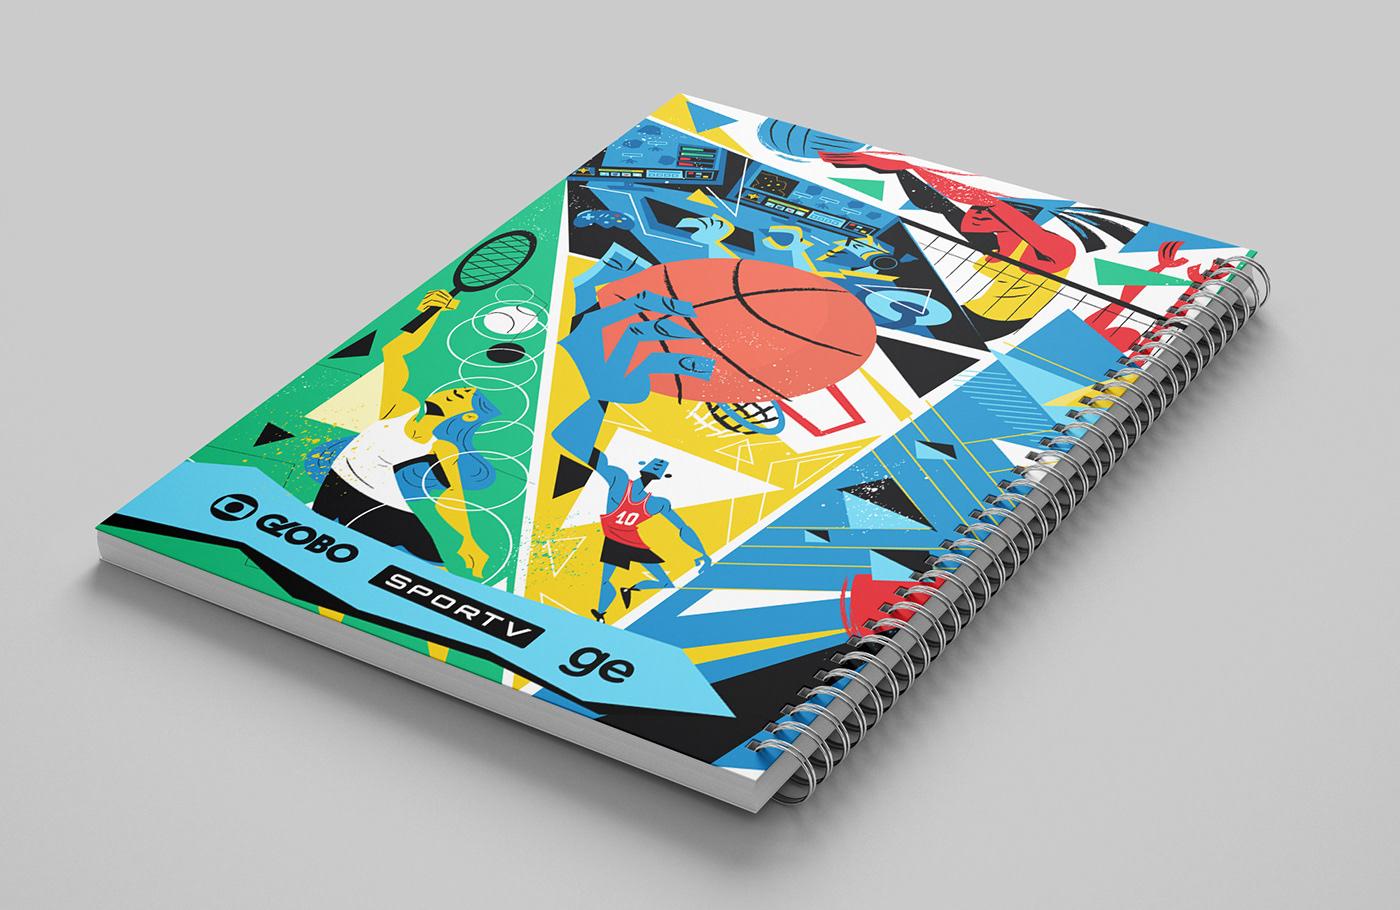 Globo Brazil Brasil football UFC Gamer f1 volei art colors